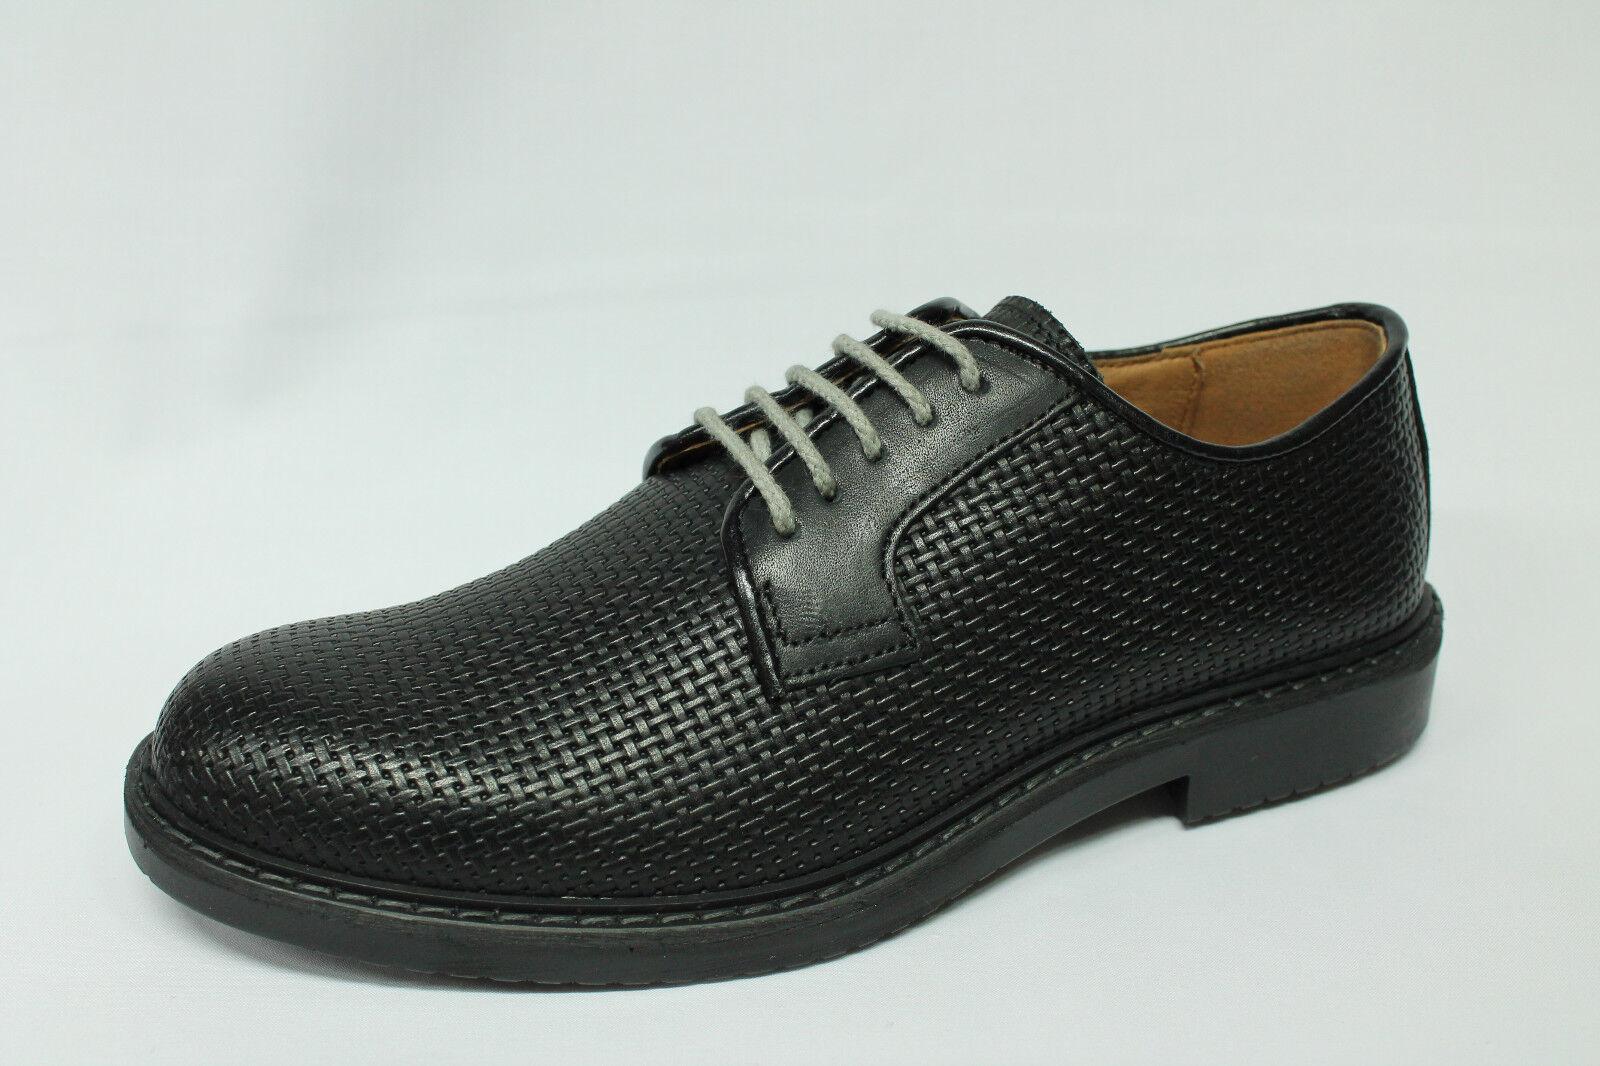 Stringate Igi&co 1105177 pelle nera Made in Italy listino€94,90 - 20% Scarpe classiche da uomo